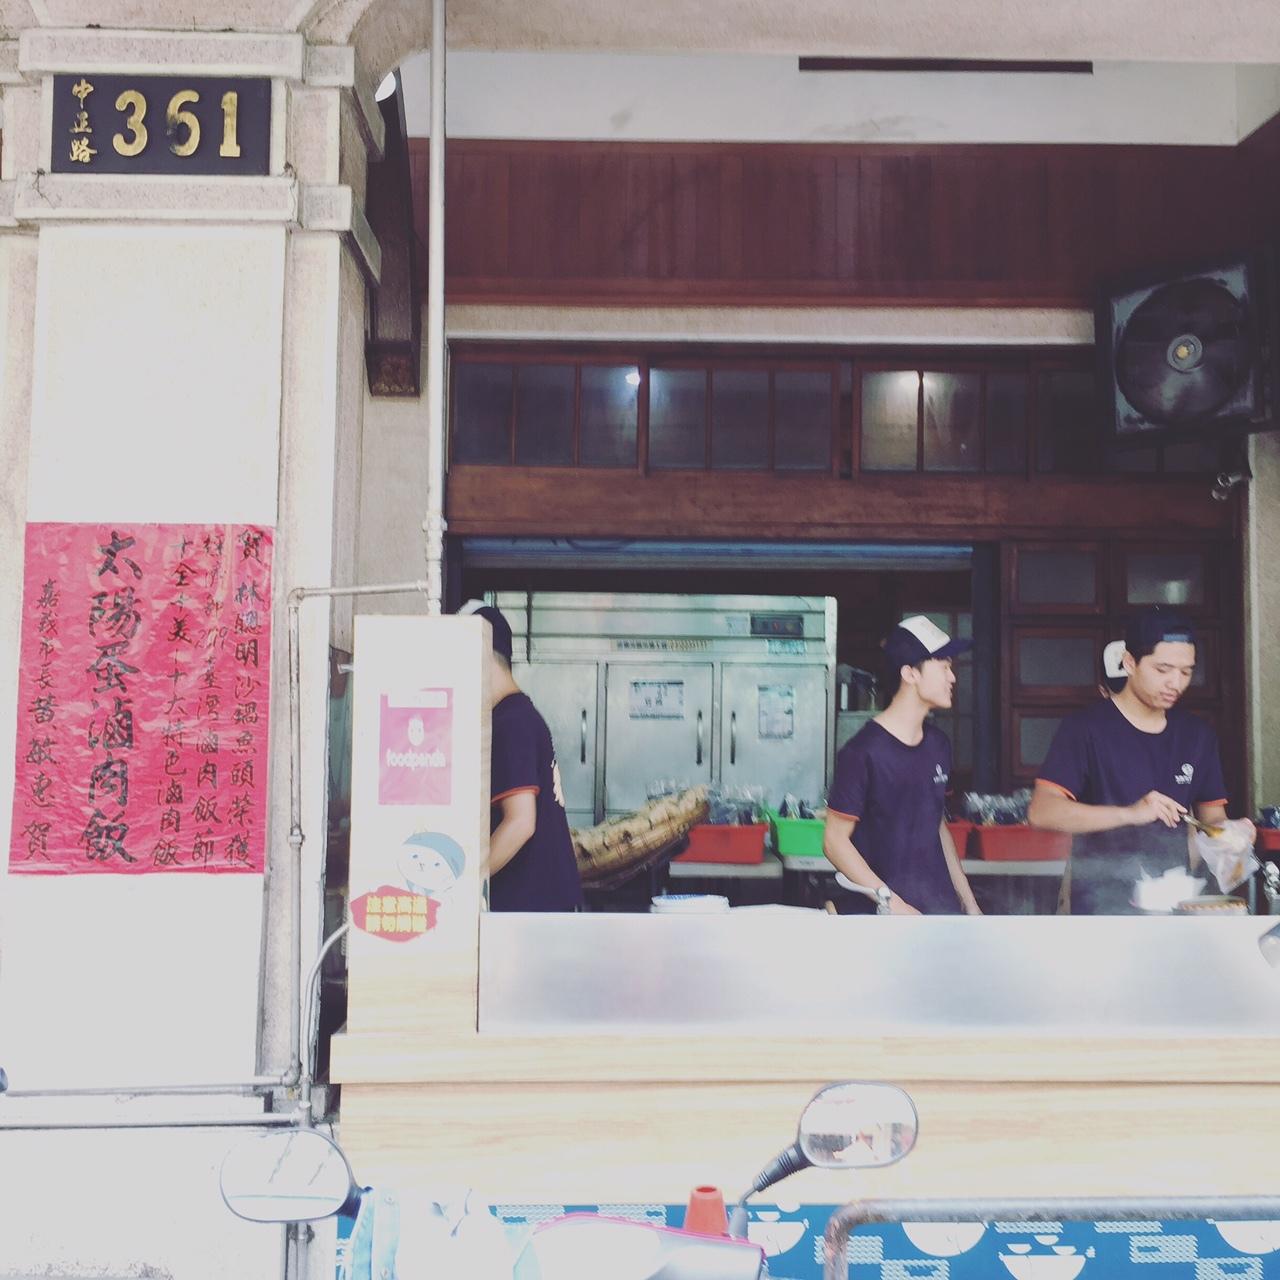 台湾、美食の街、嘉義を旅する①_1_2-3